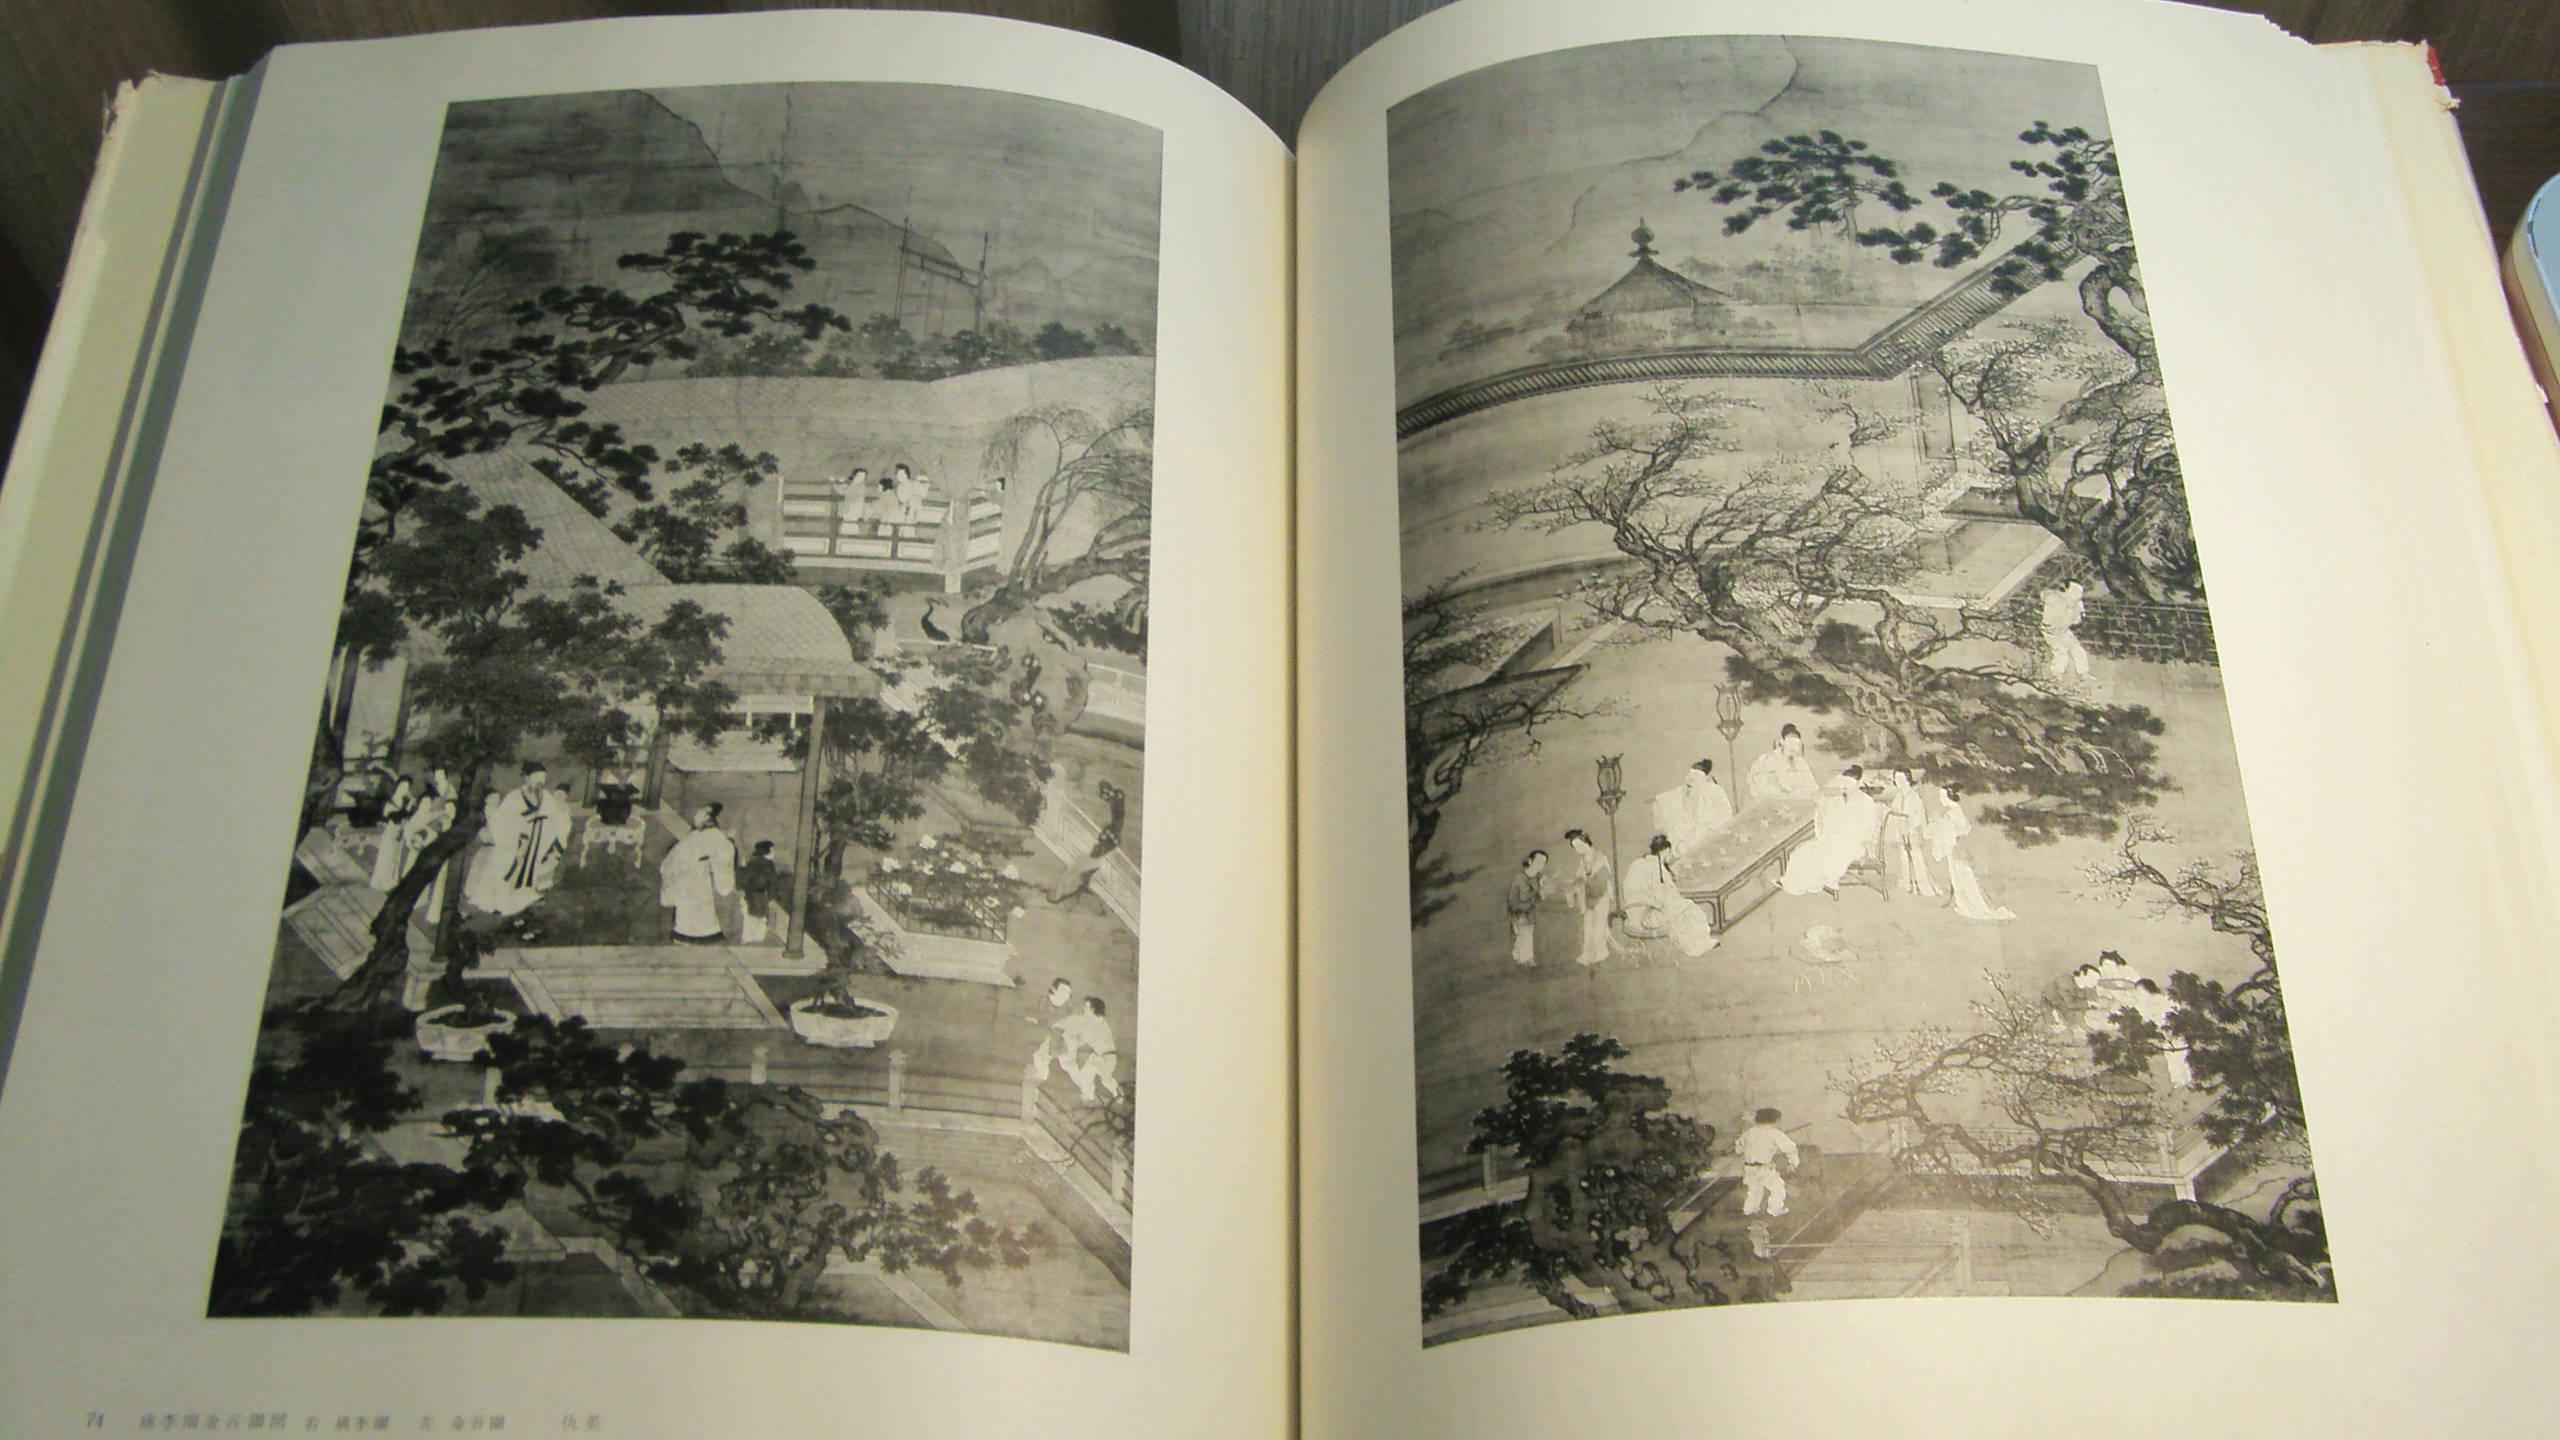 【珍稀》1964年便利堂《明清的绘画》东京国立博物馆 日本珍藏141幅图片